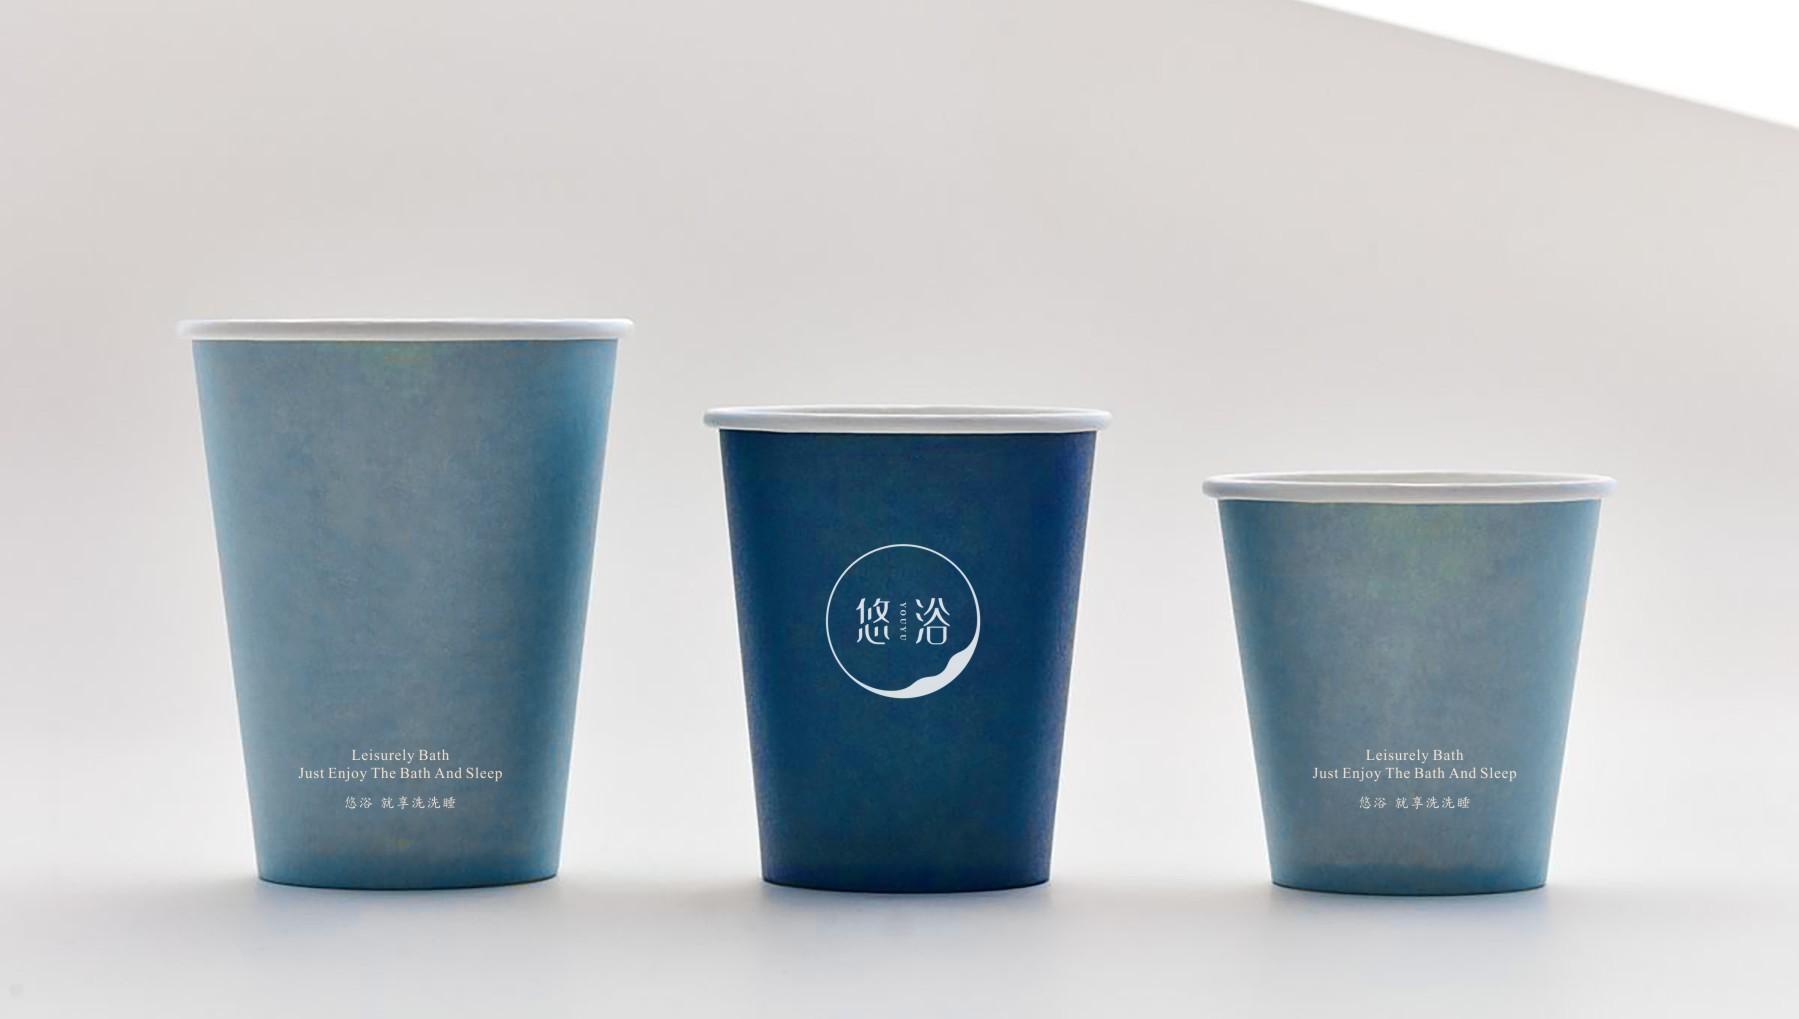 vi设计已经成为企业打造品牌的重要一步